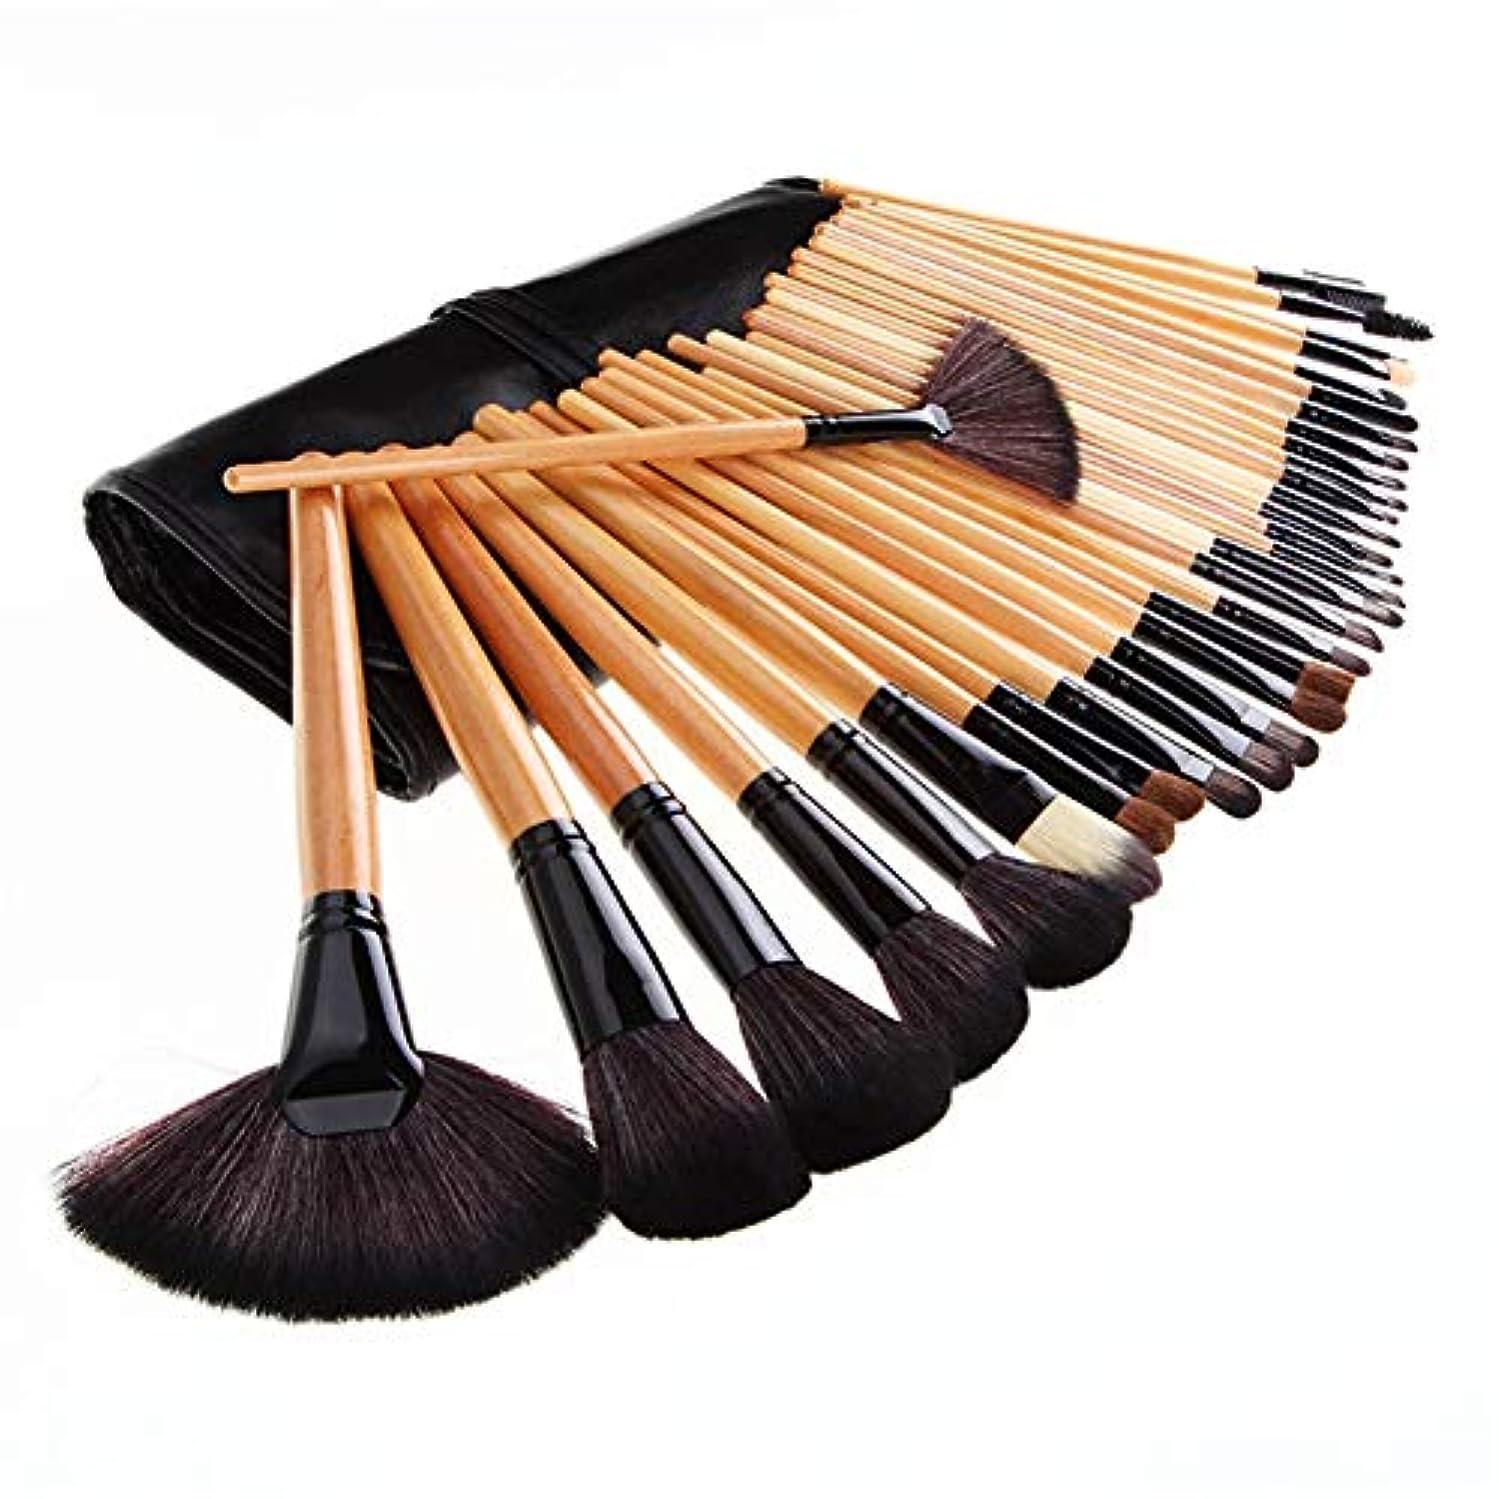 ジャム配分ガードMakeup brushes メイクアップブラシ32メイクアップブラシバッグのセット全体のセットメイクアップブラシバッグフォトスタジオメイクアップツールのネイルセット suits (Color : Clear)